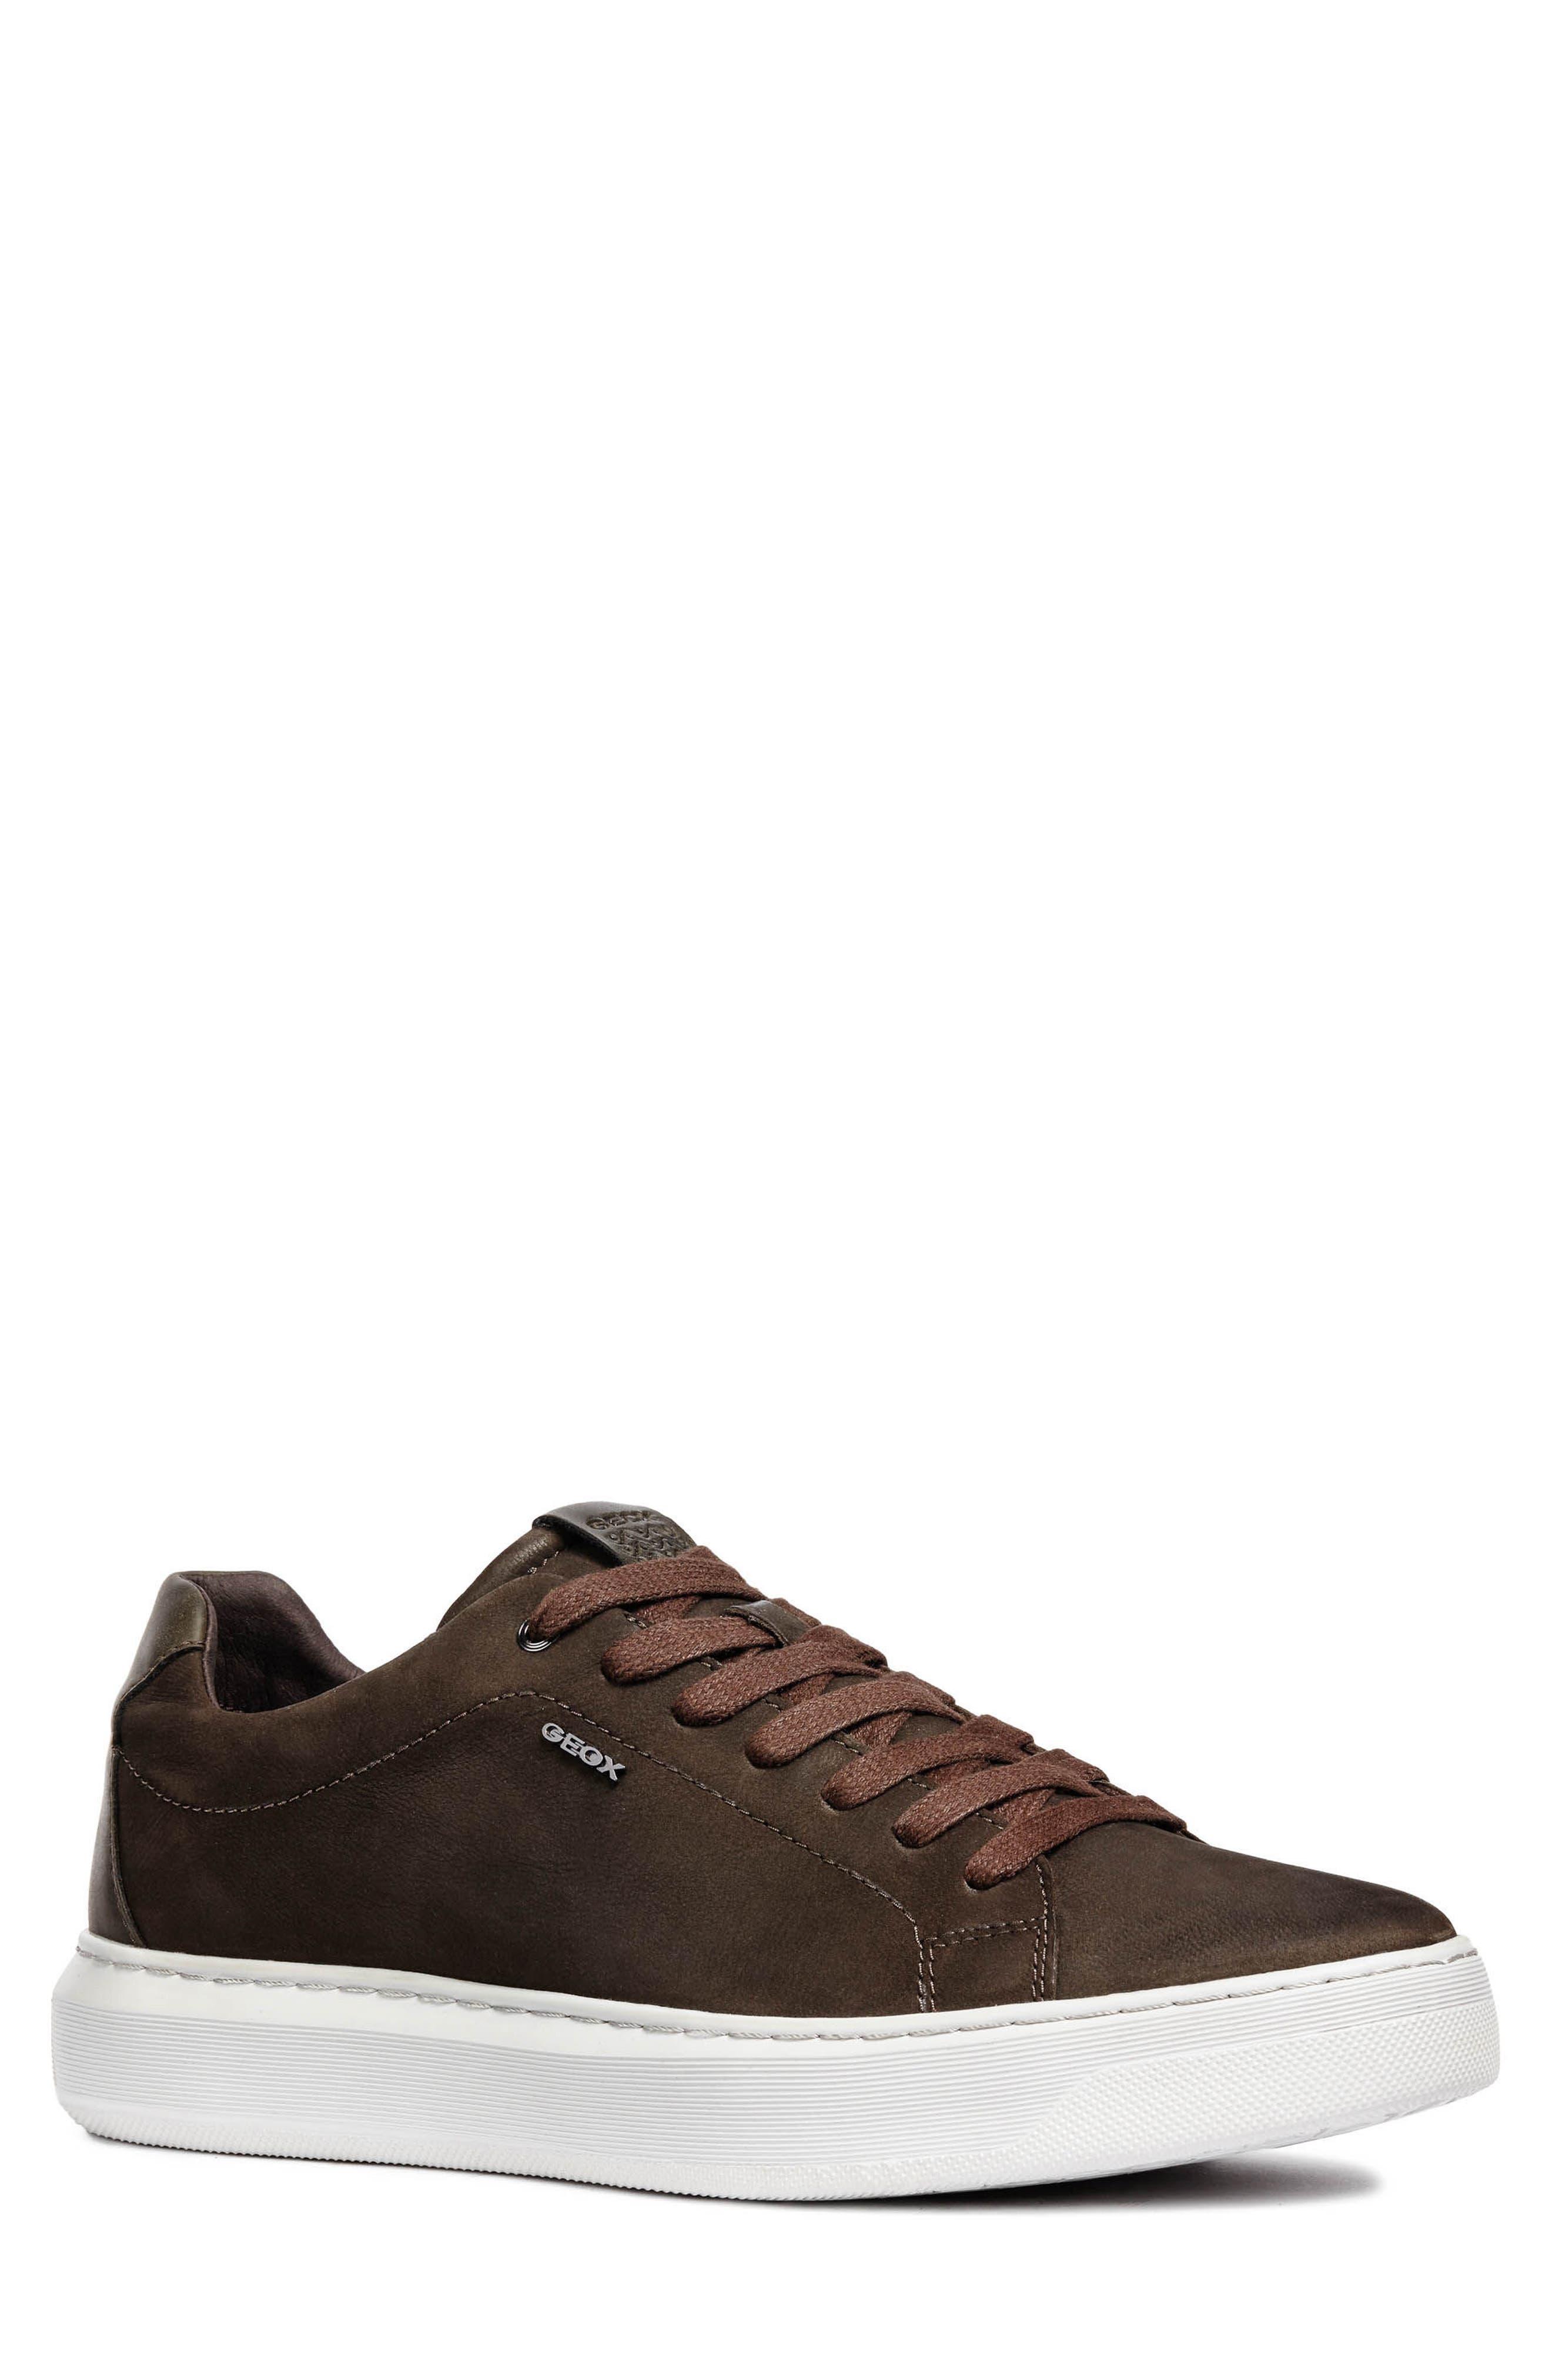 Geox Deiven 5 Low Top Sneaker, Brown